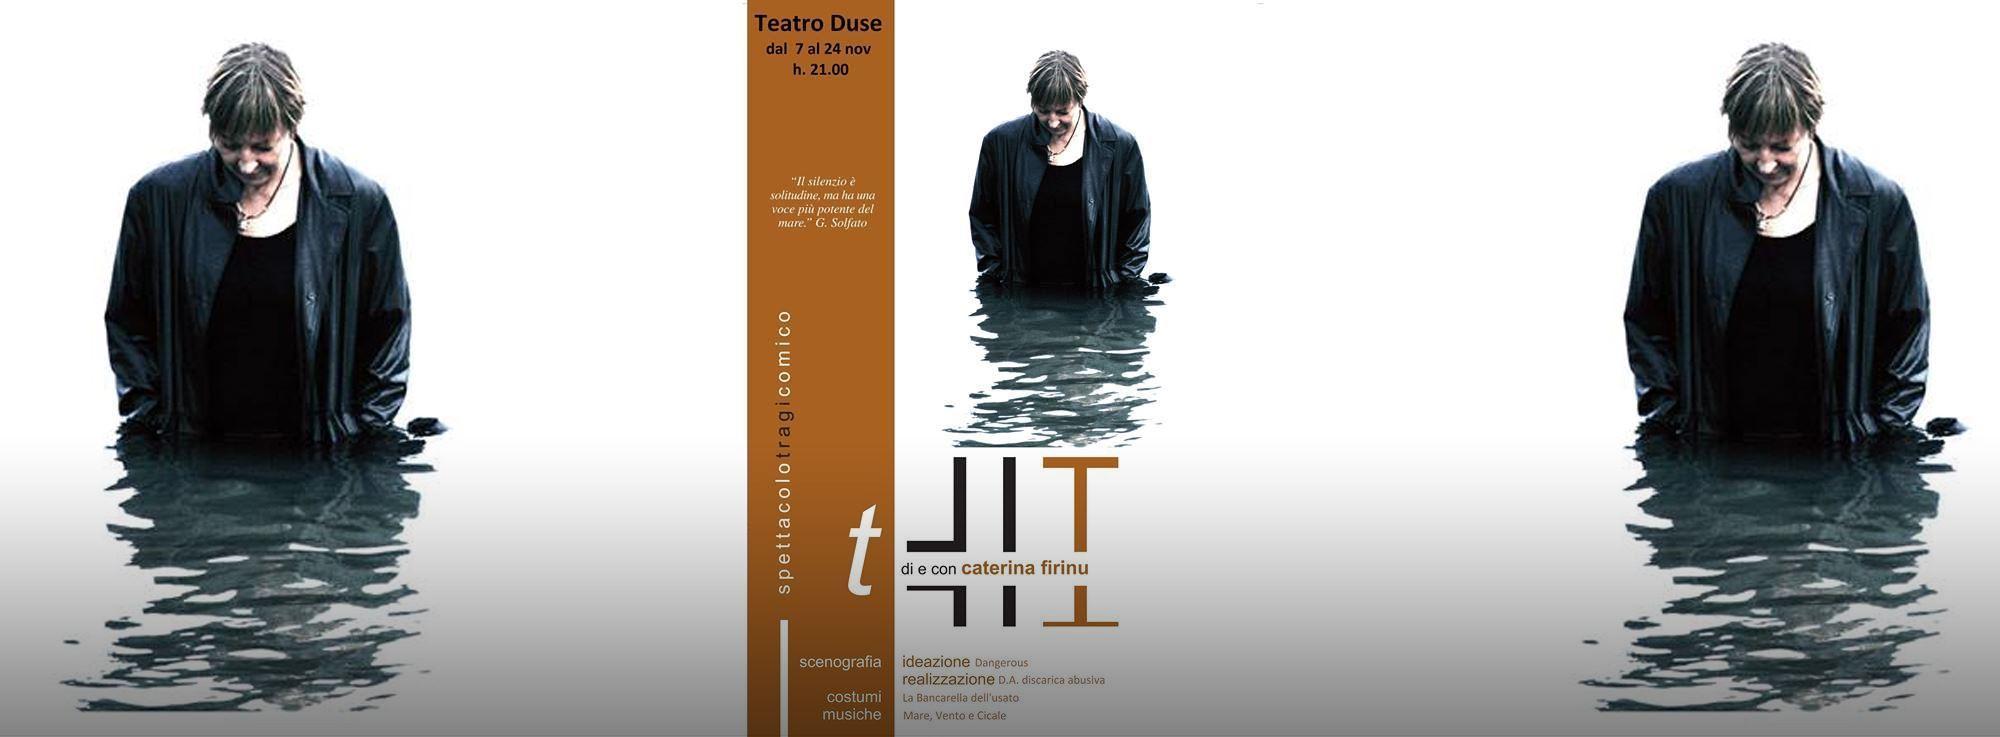 Bari: Tilt